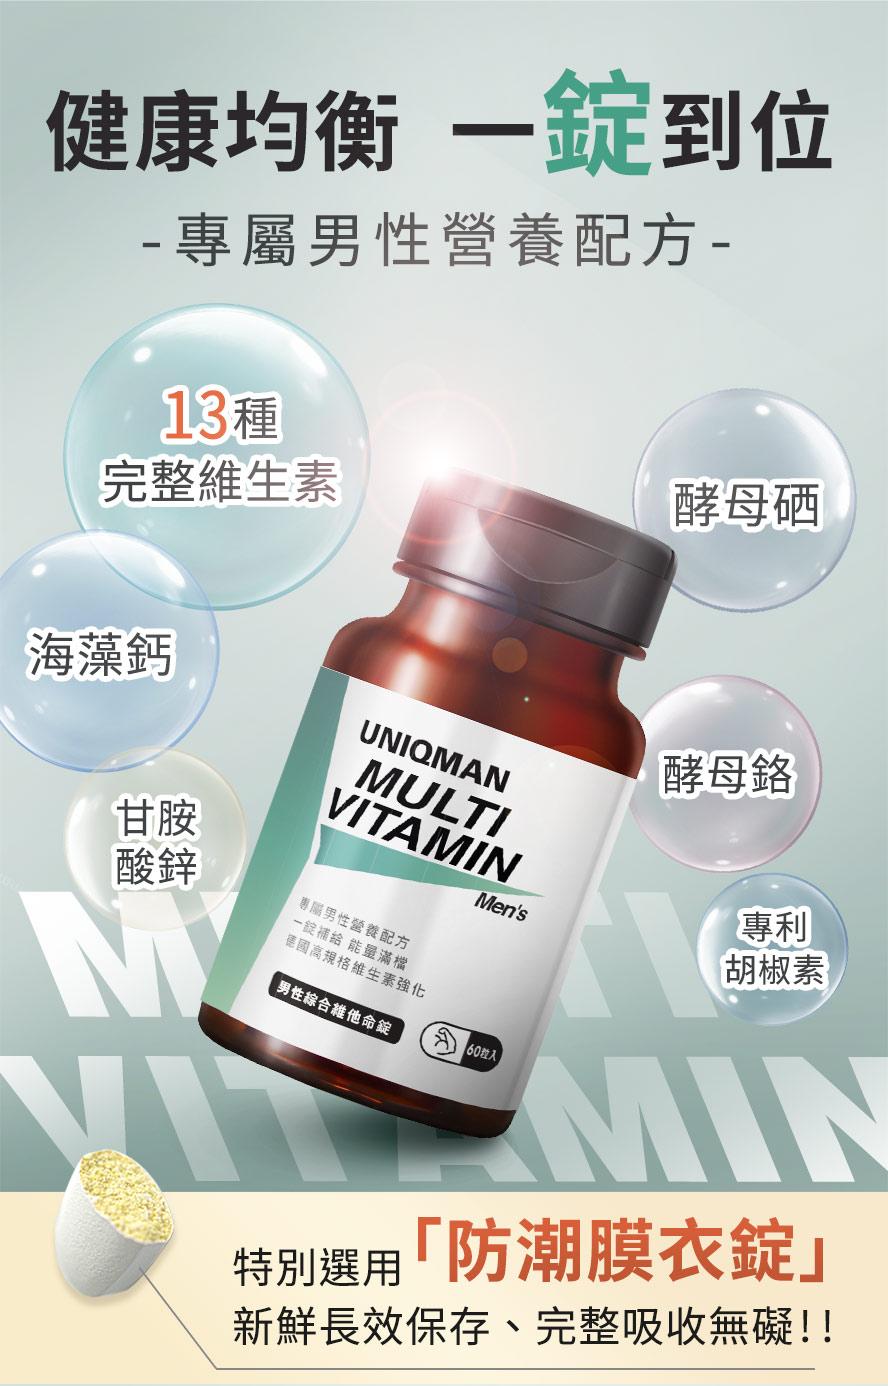 專屬男性所打造的營養配方,包含13種維生素、甘胺酸鋅、海藻鈣、酵母硒、酵母鉻